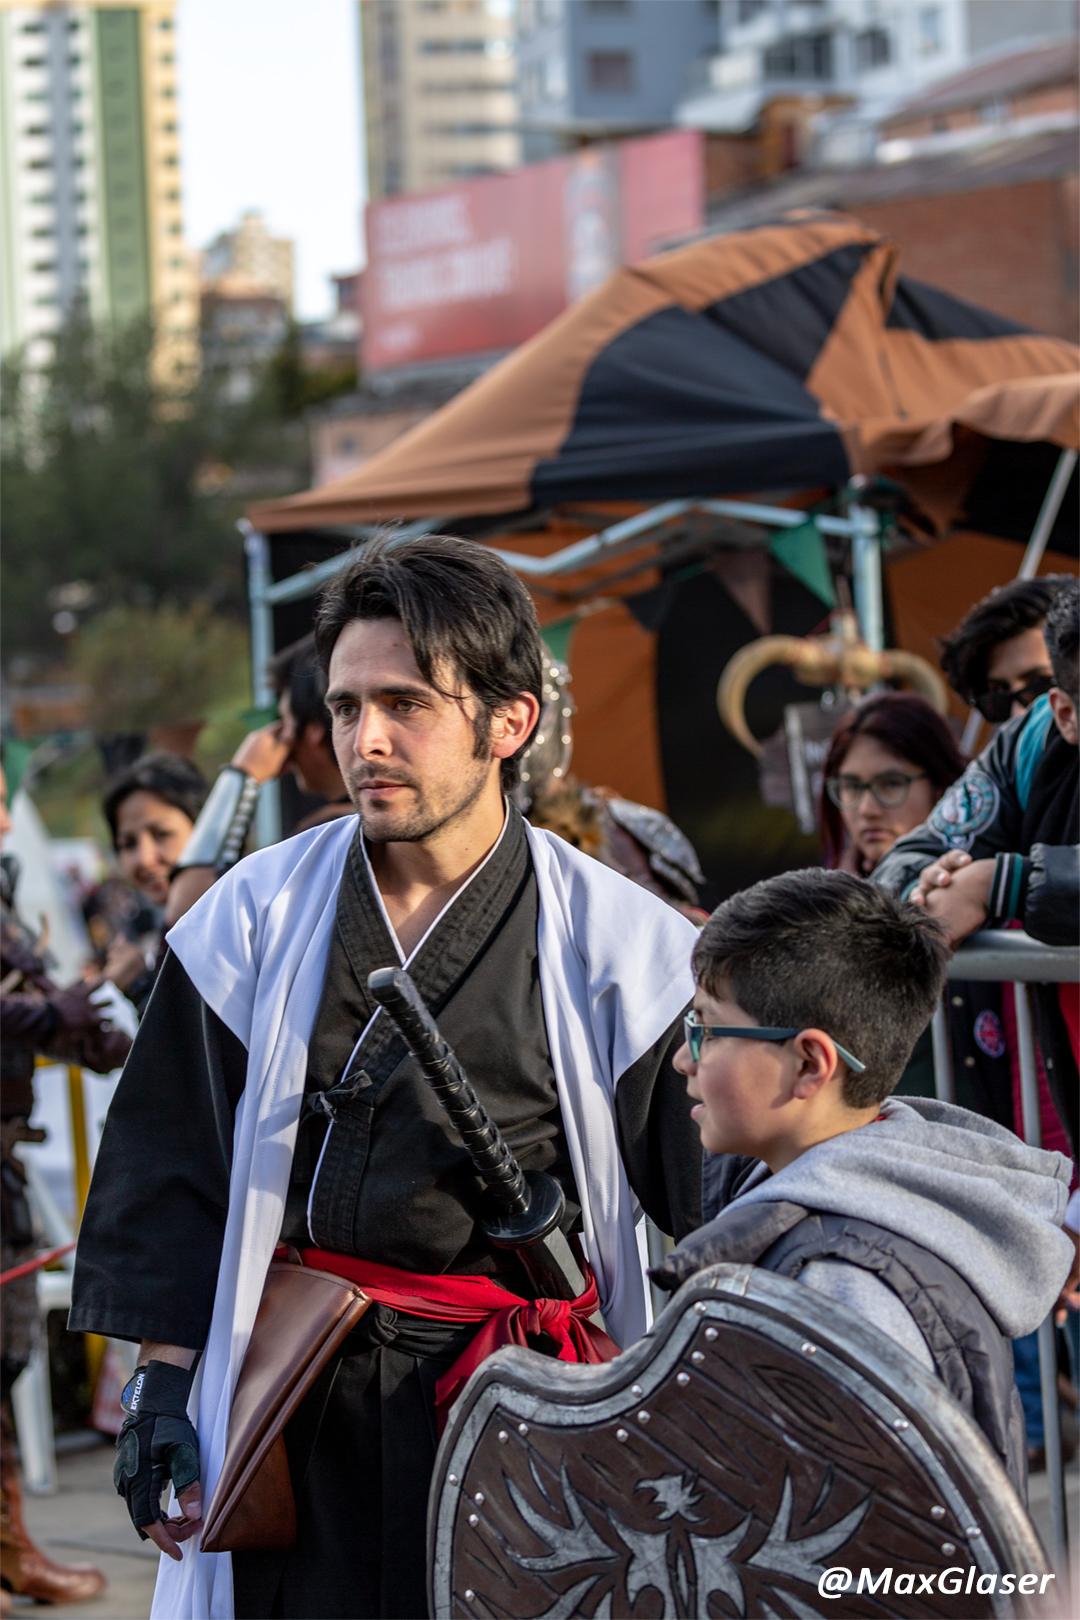 MegaFest 2018 - Samuraí entrenando a un participante